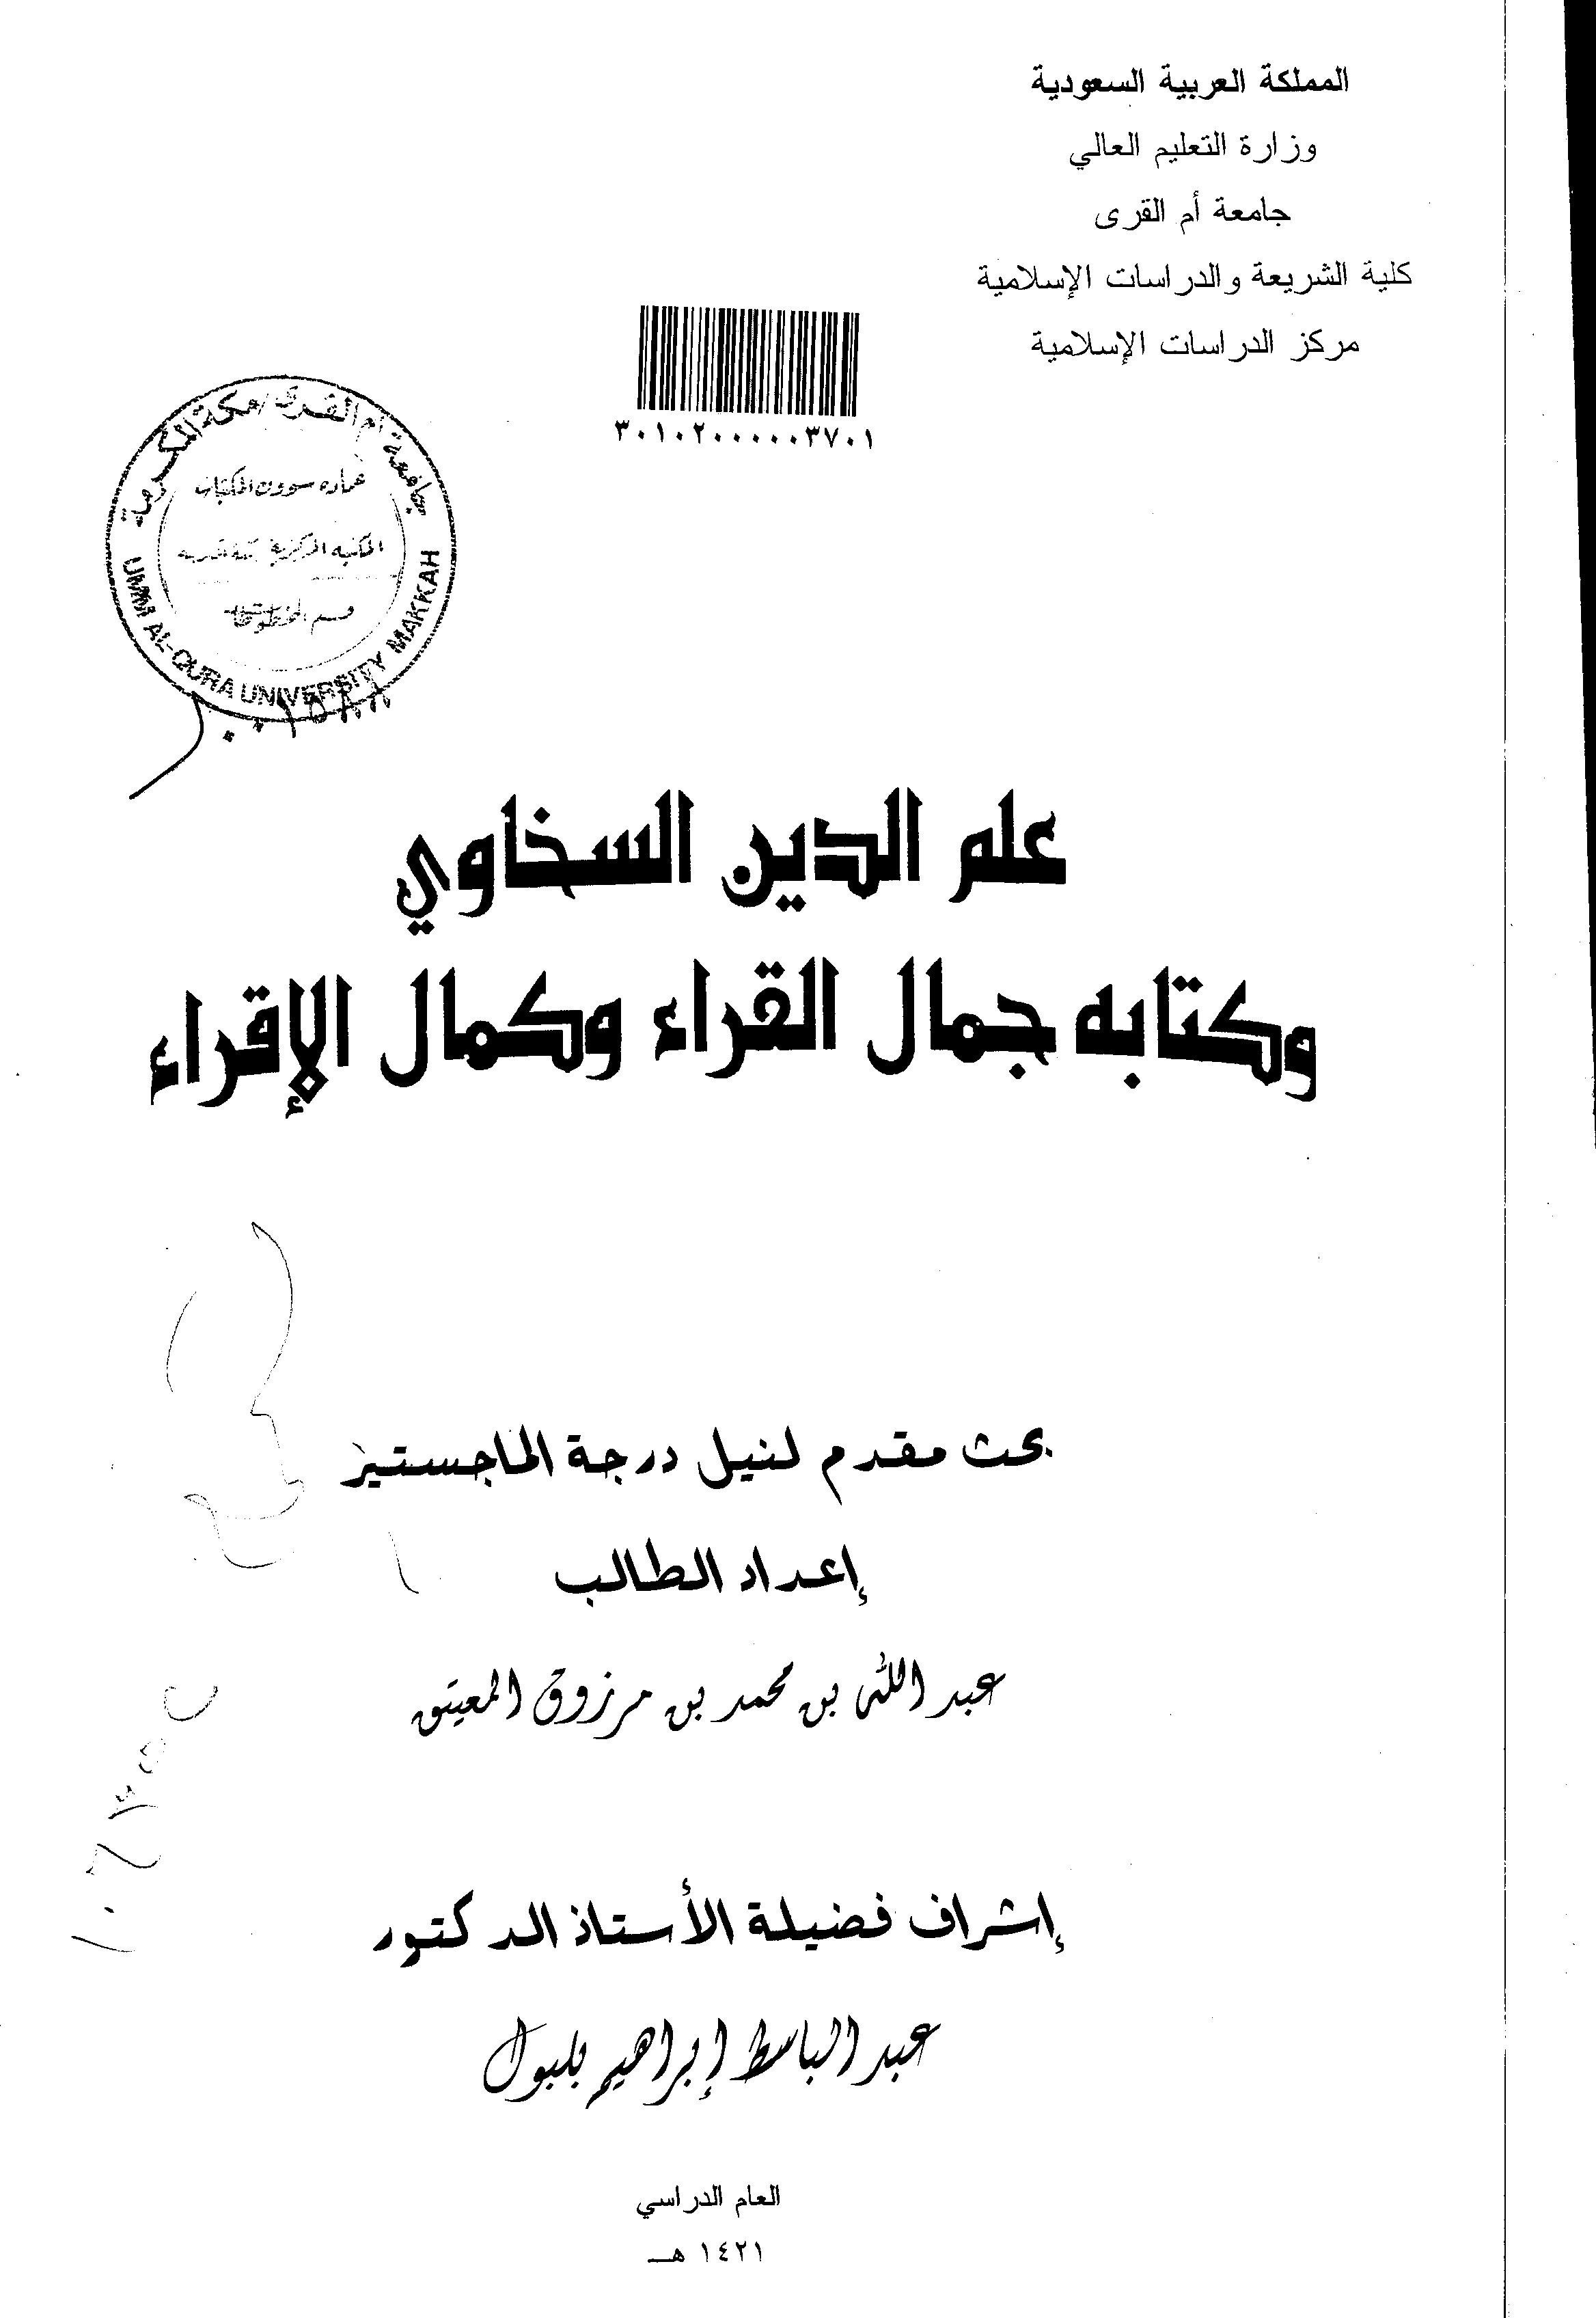 تحميل كتاب علم الدين السخاوي وكتابه «جمال القراء وكمال الإقراء» لـِ: عبد الله بن محمد بن مرزوق المعيتق